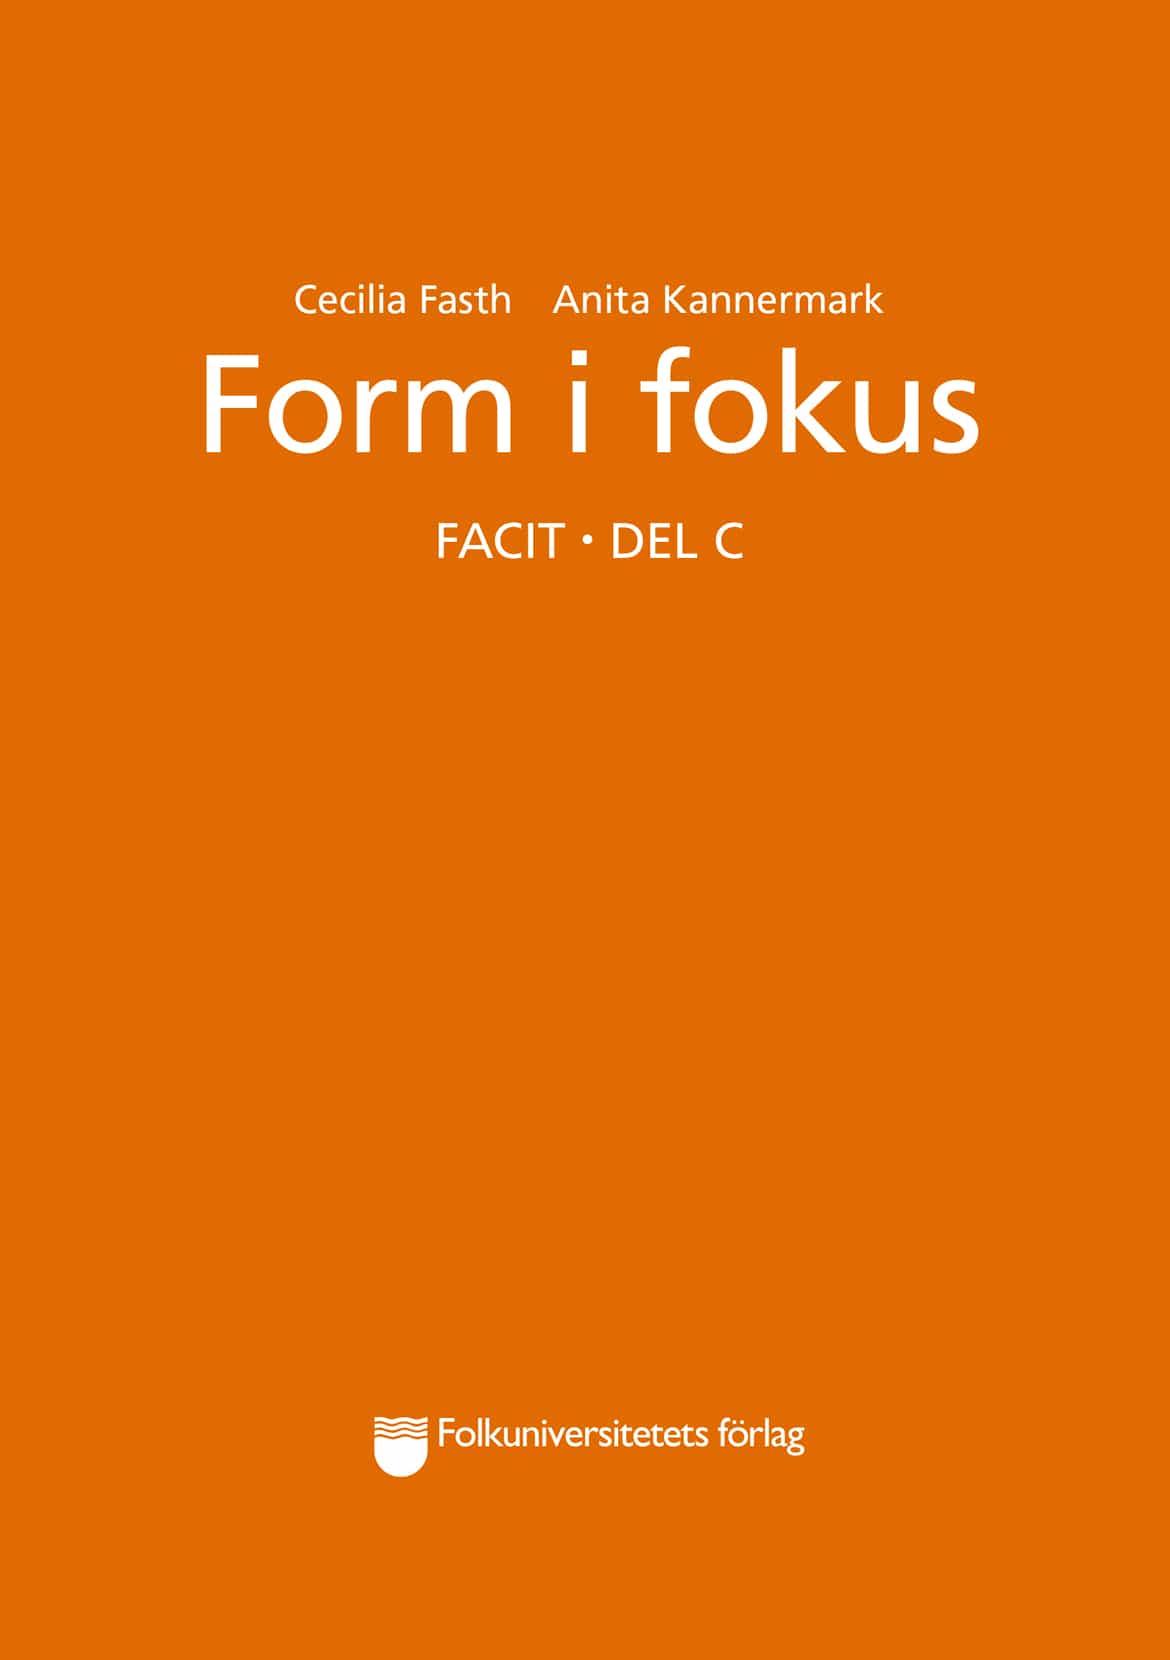 Form i fokus C facit